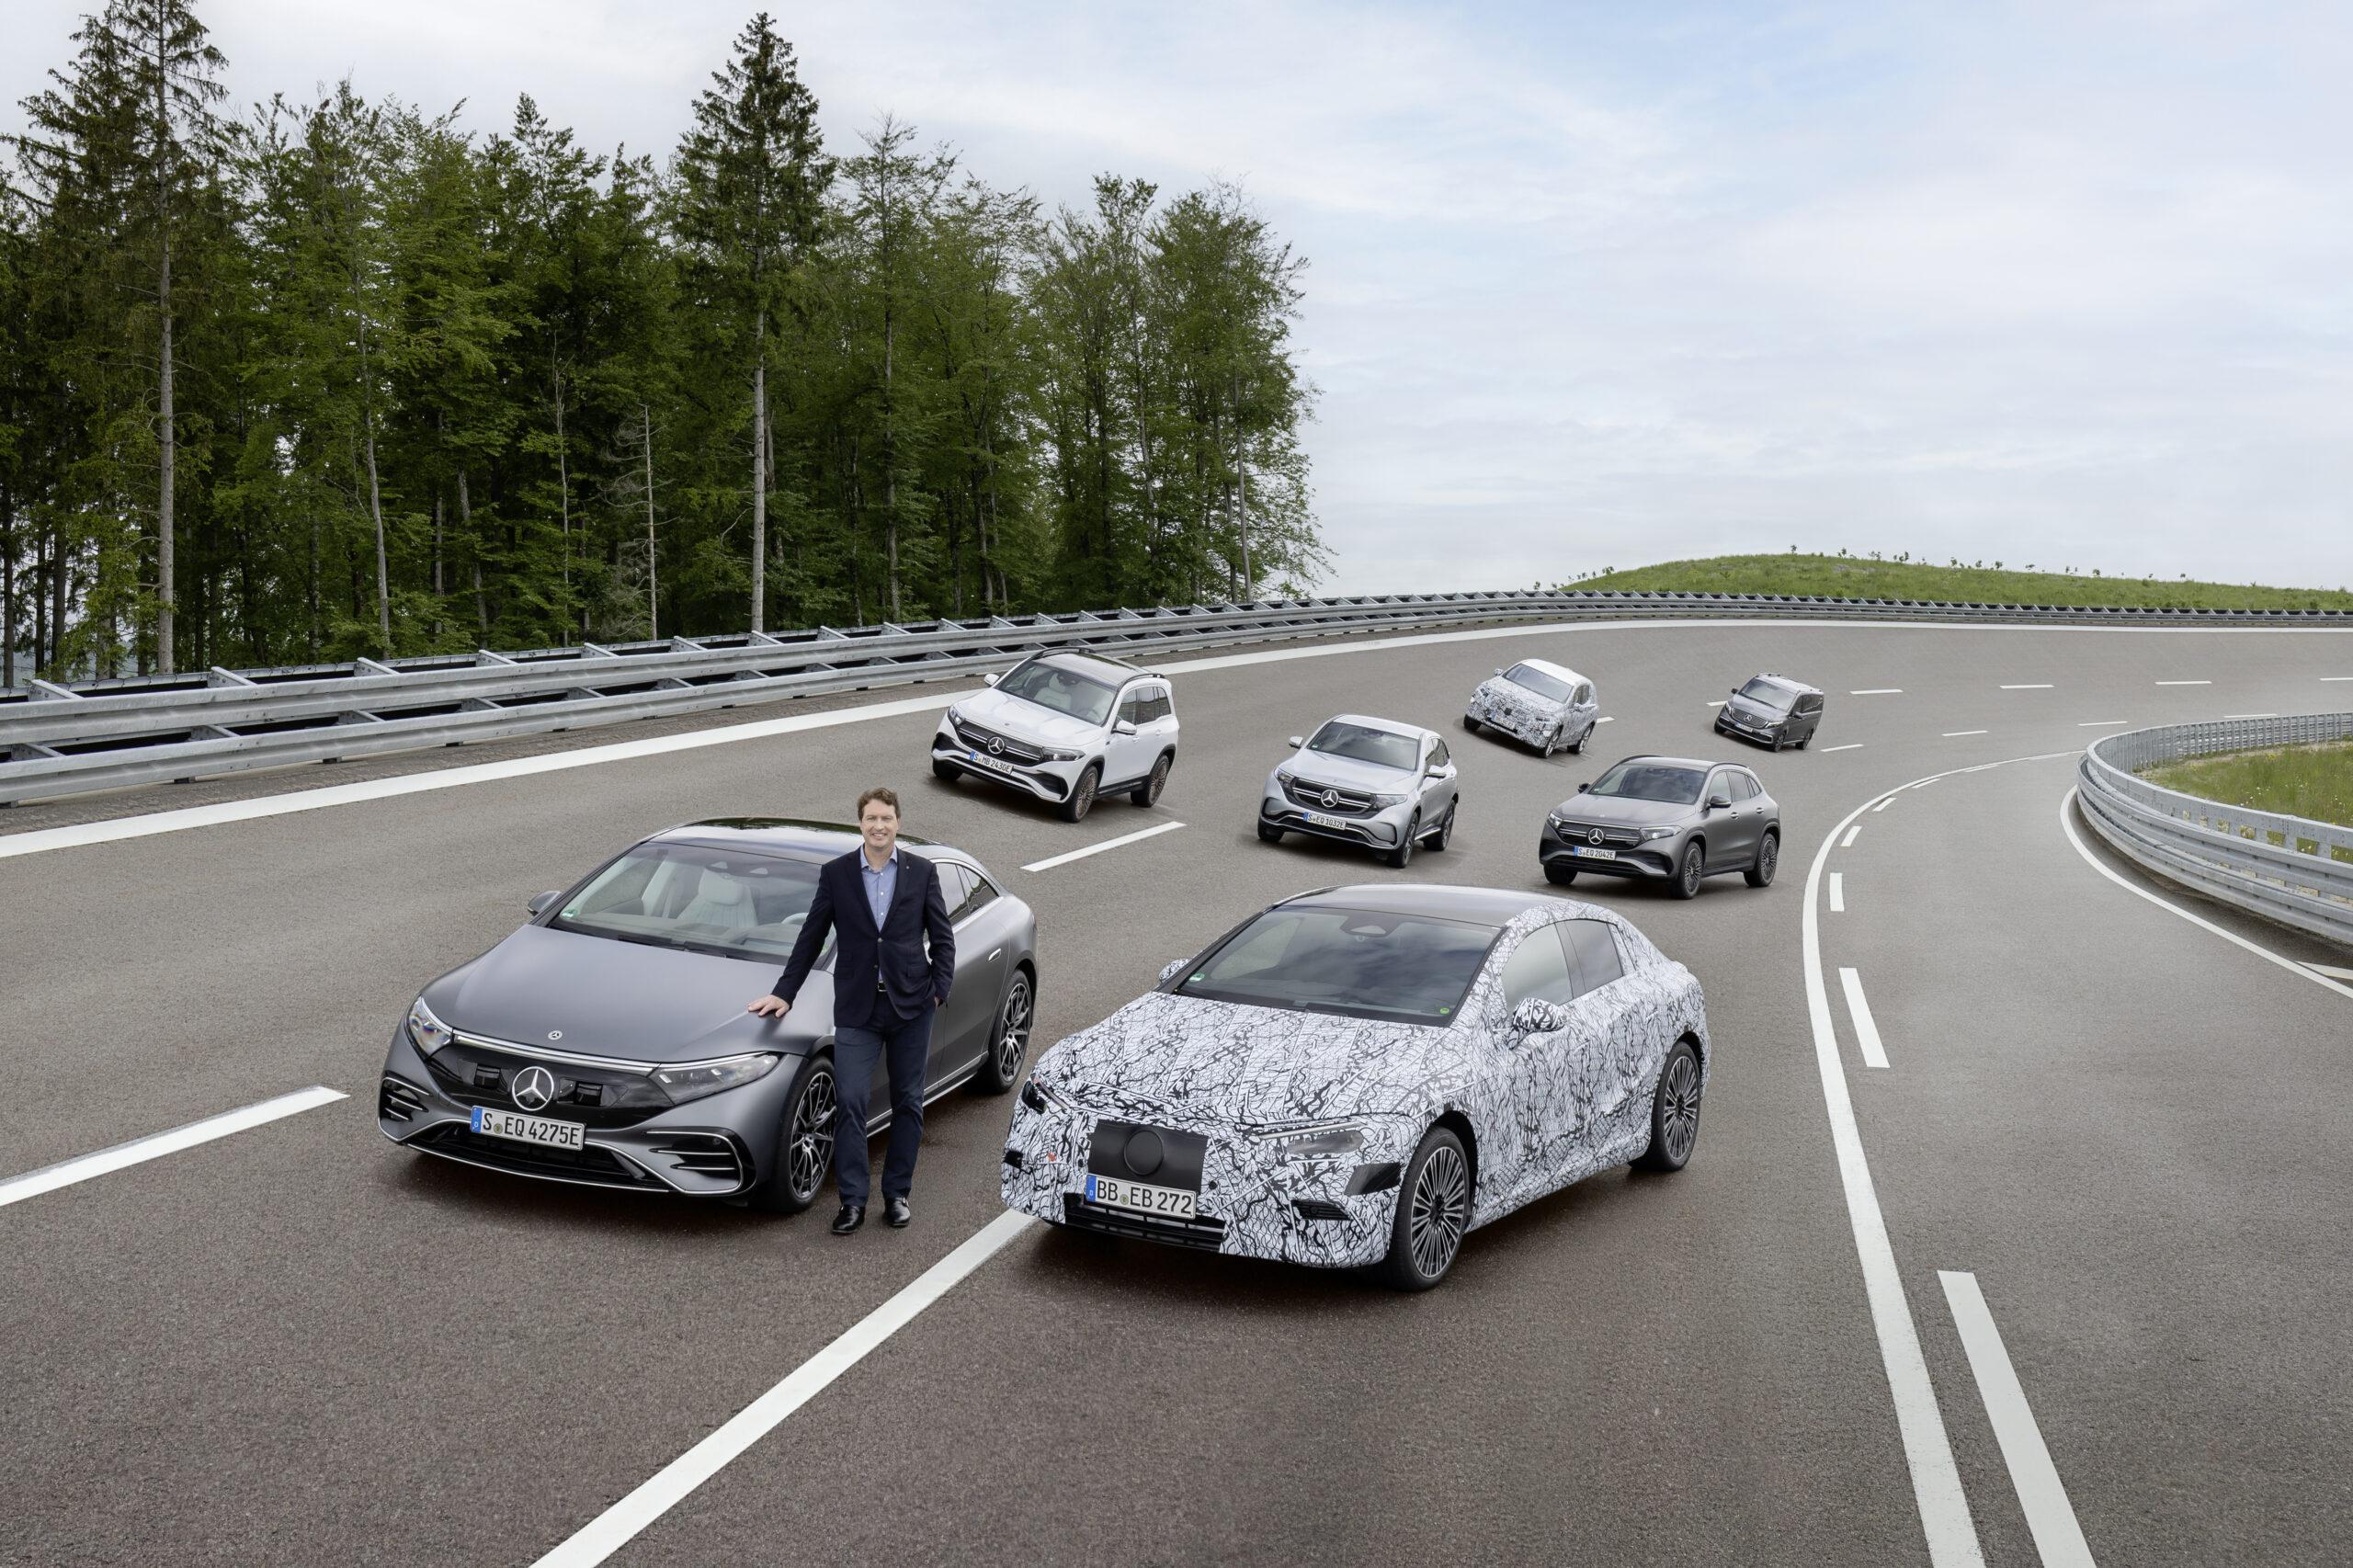 Ola Källenius, Chairman of Daimler AG and Mercedes-Benz AG